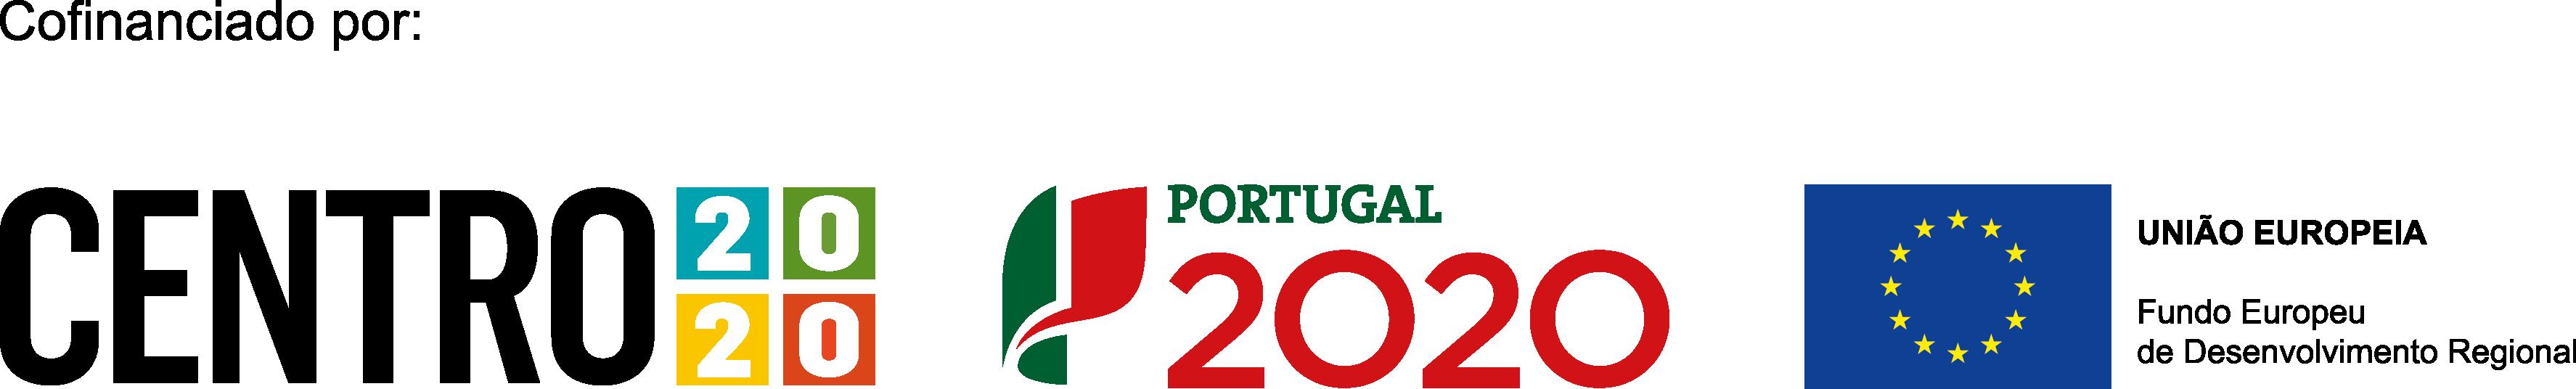 Cofinanciado por Centro 2020